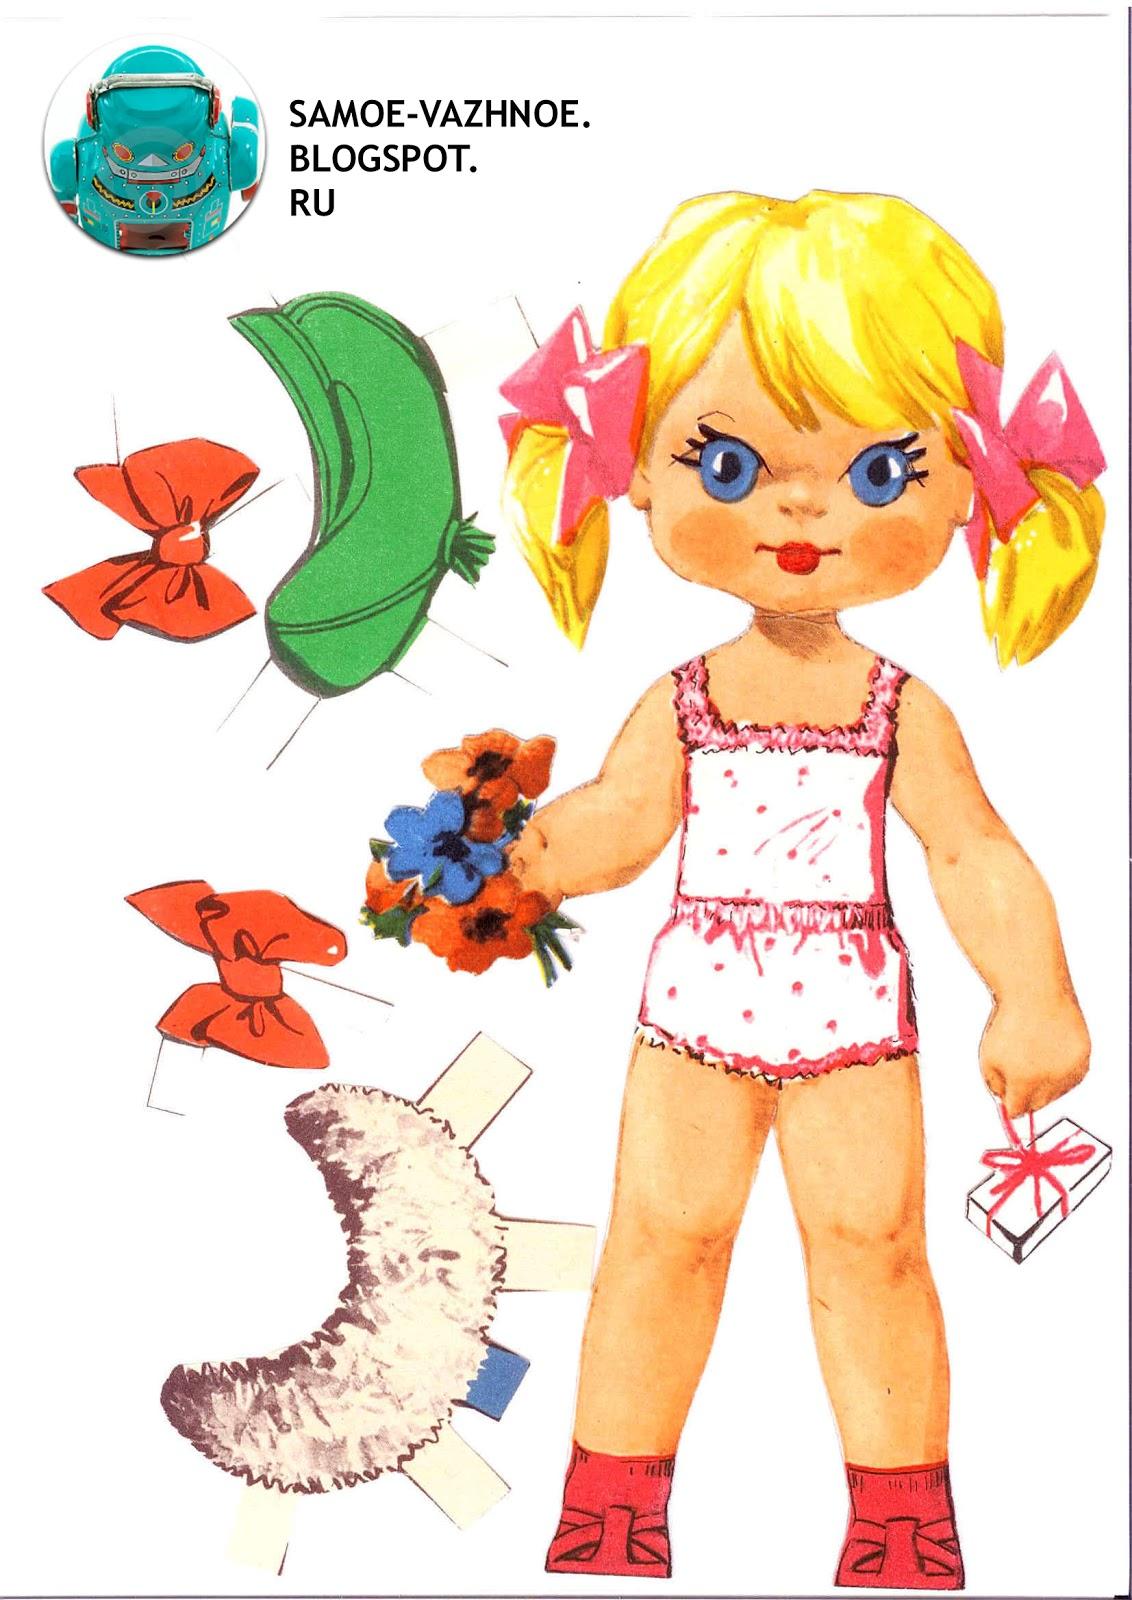 Бумажная кукла СССР светлая девочка два хвостика блондинка светлые волосы, ноги расставлены, подарок, букет, розовые бантики